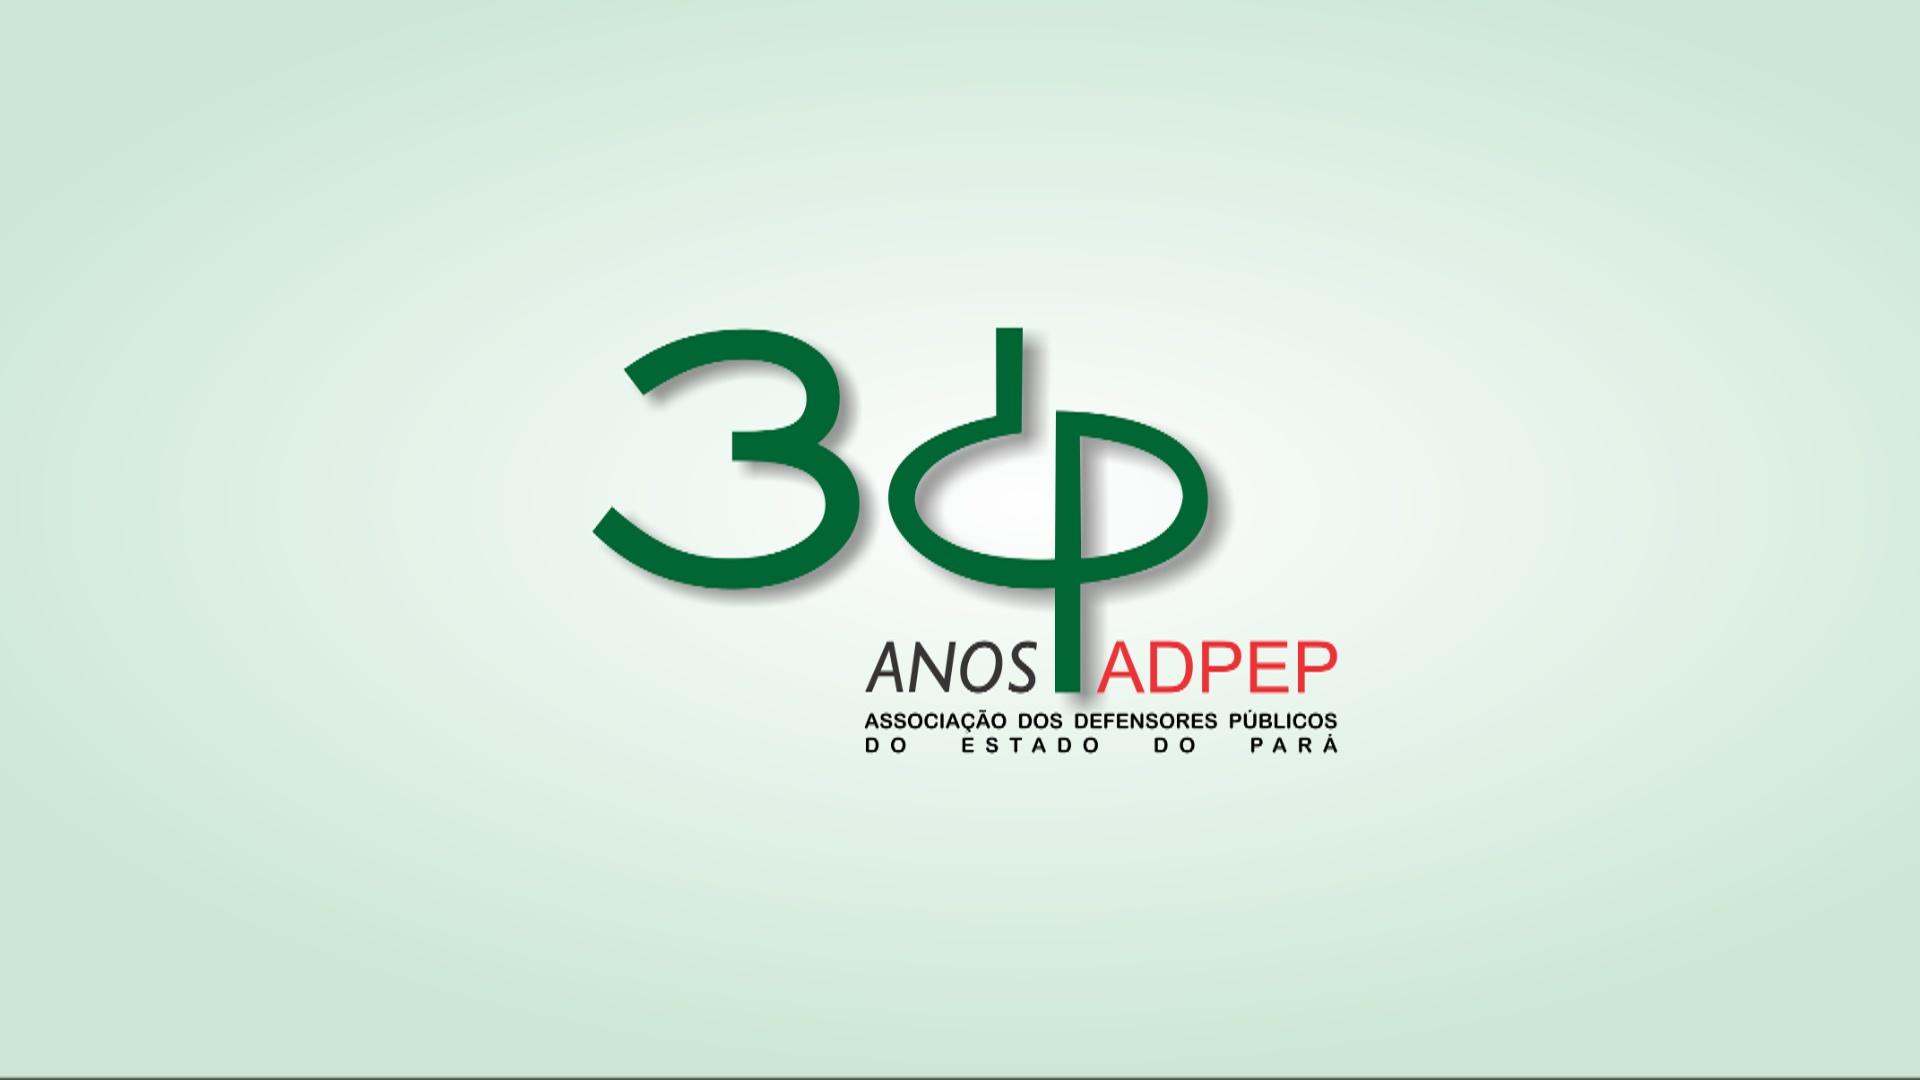 Vídeo com ex-presidentes da ADPEP parabenizando a entidade pelos seus 30 anos